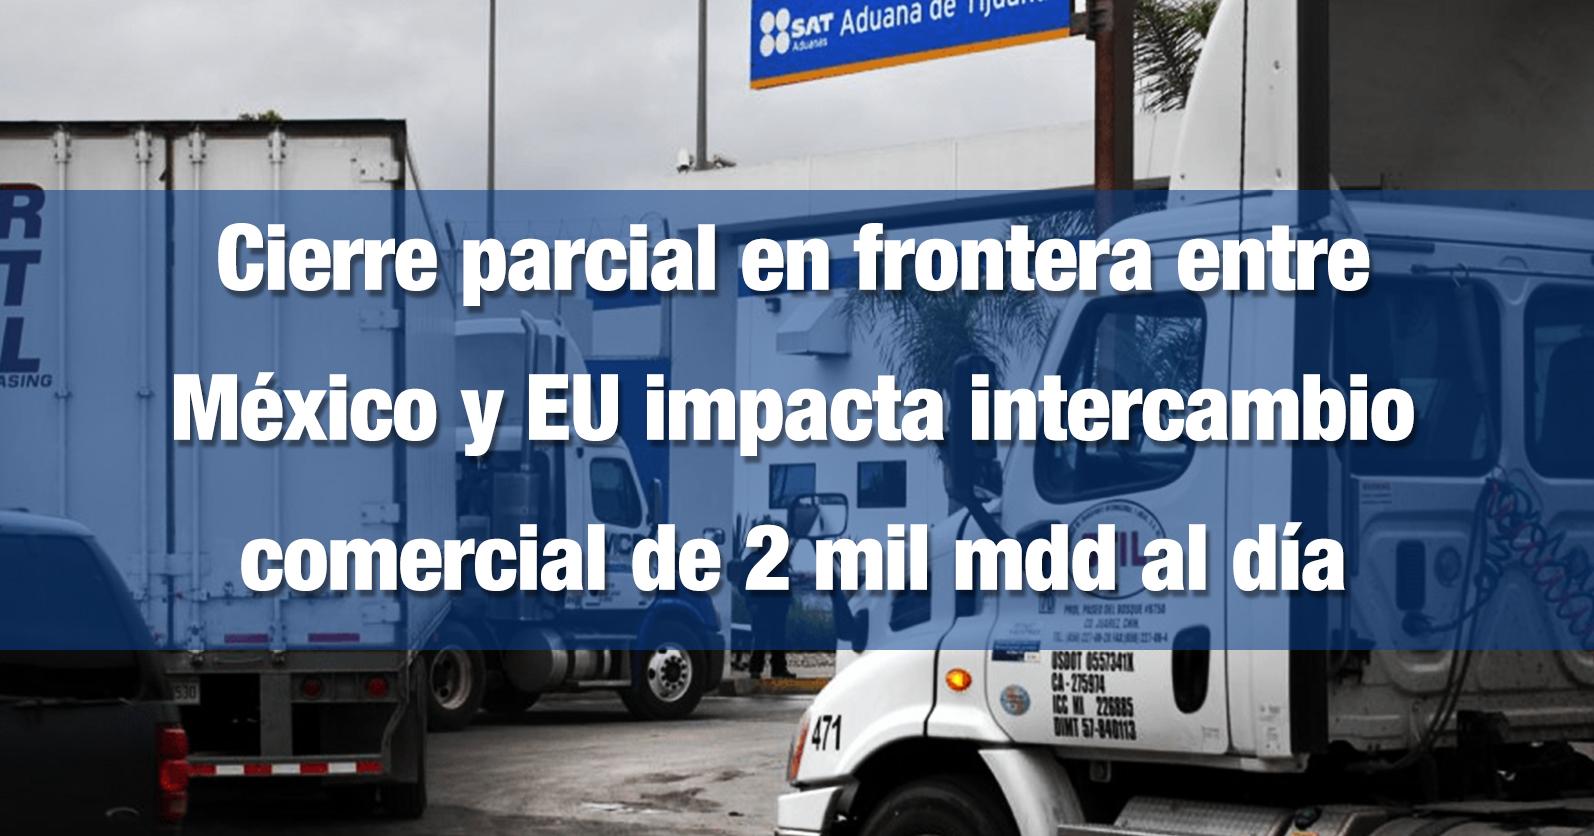 Cierre parcial en frontera entre México y EU impacta intercambio comercial de 2 mil mdd al día